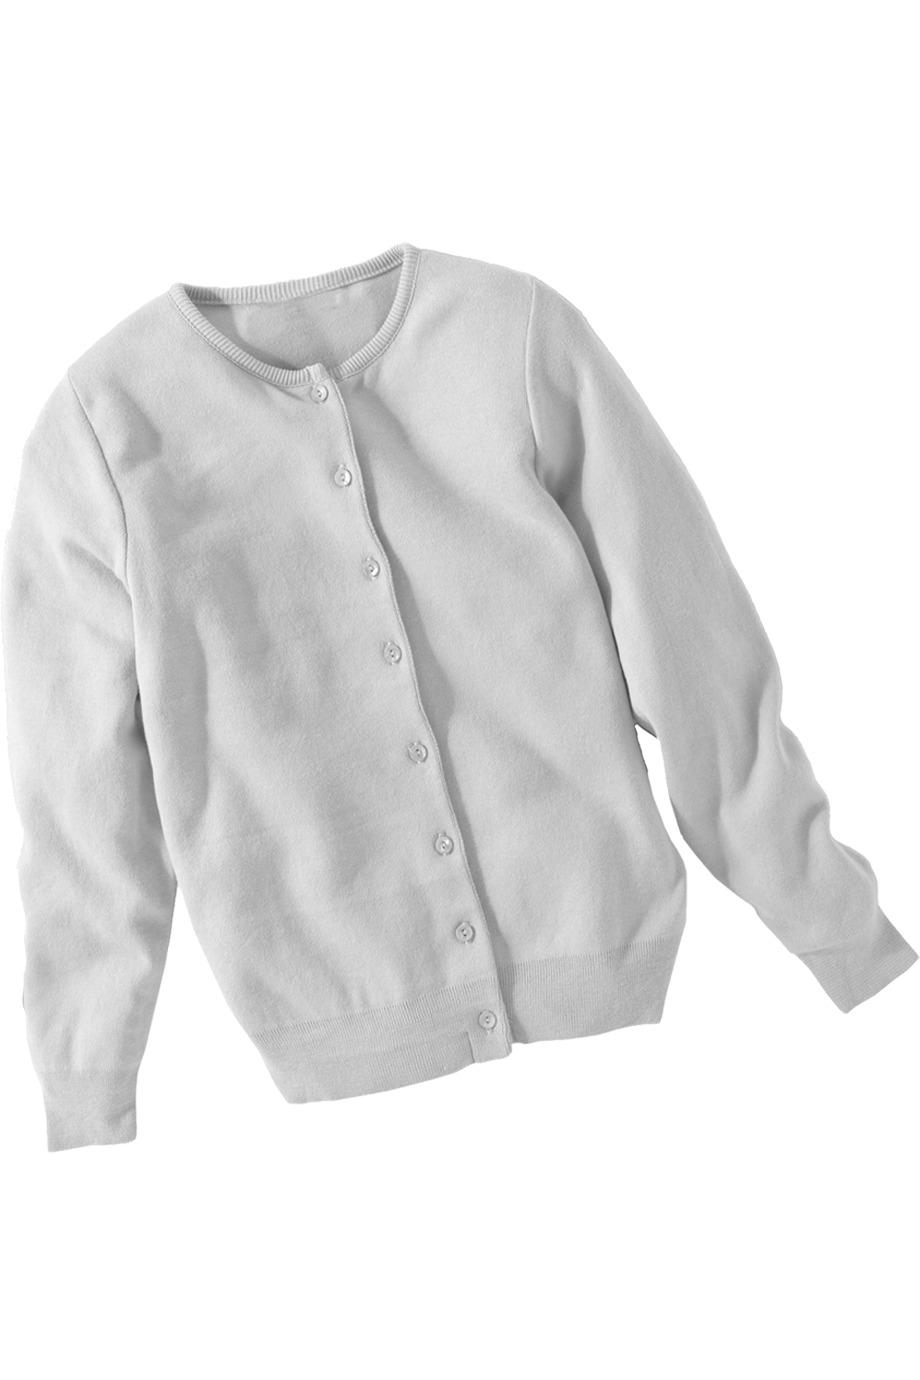 Edwards Garment 111 女士棉质山羊绒圆领开襟羊毛衫